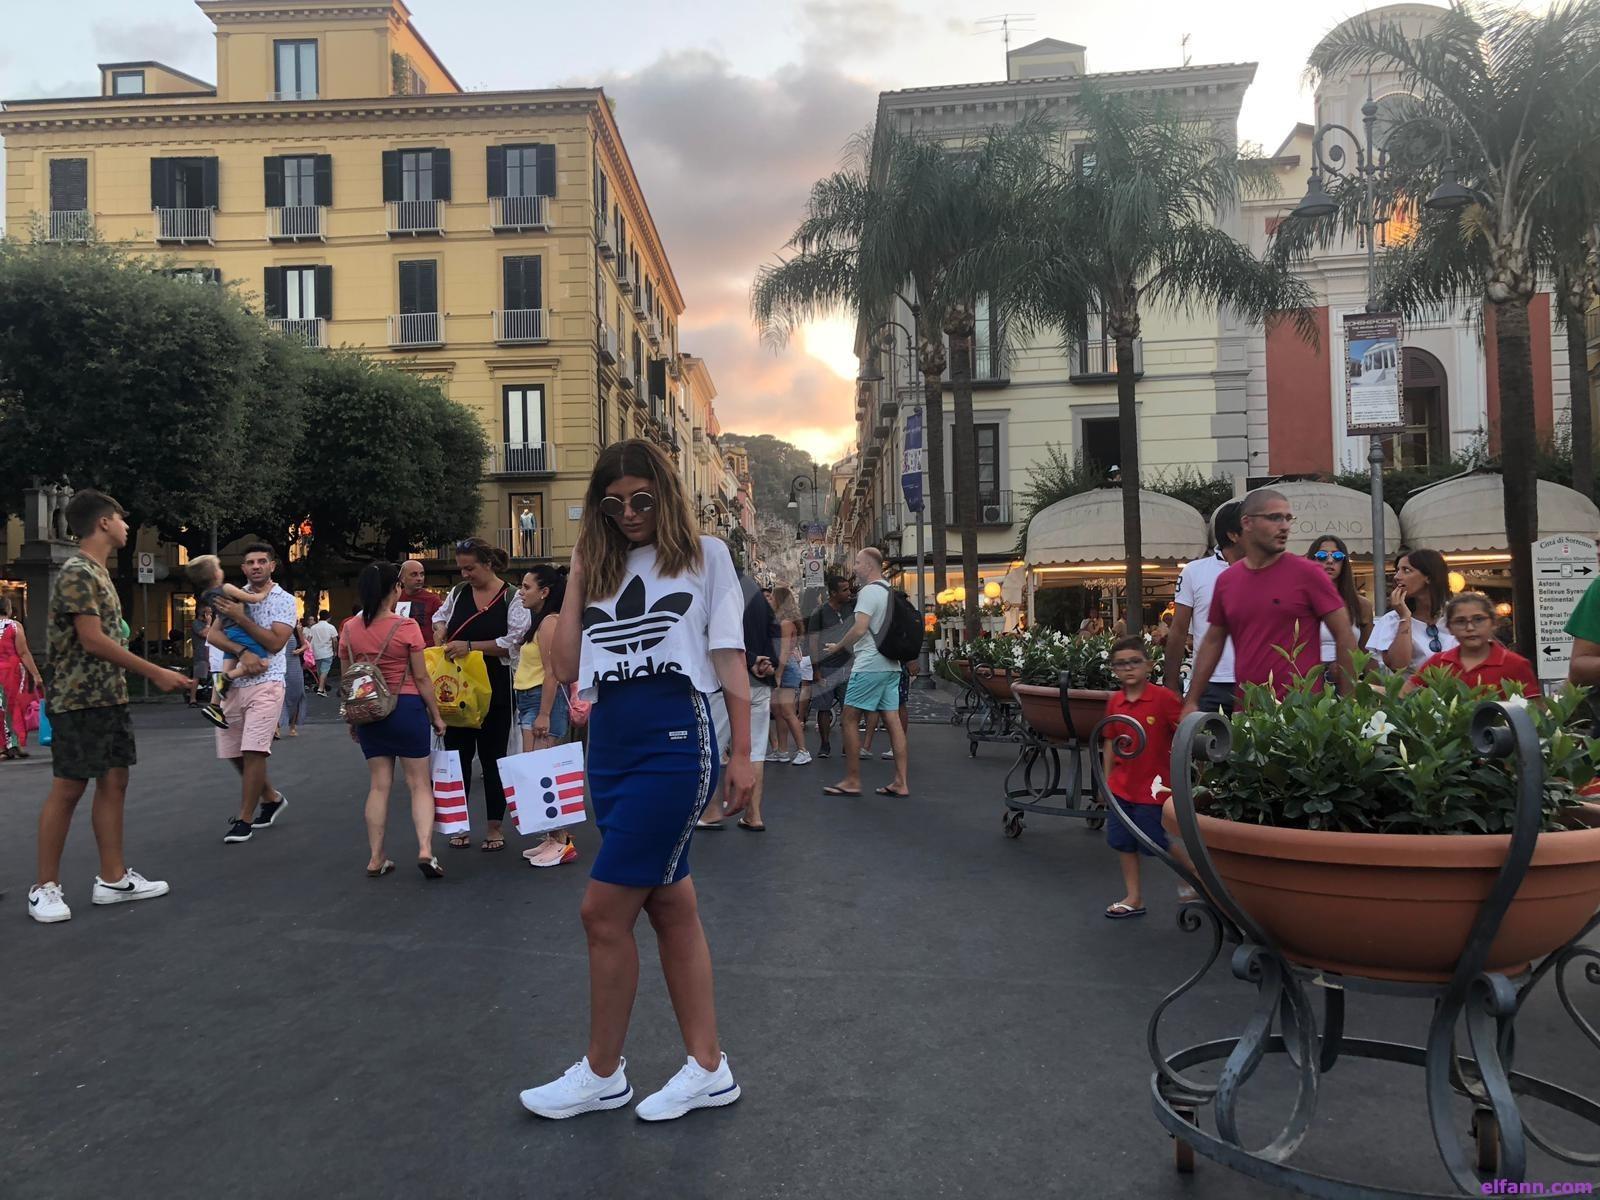 خاص وبالصور- ريتا حرب برحلة عائلية بين فرنسا وإيطاليا